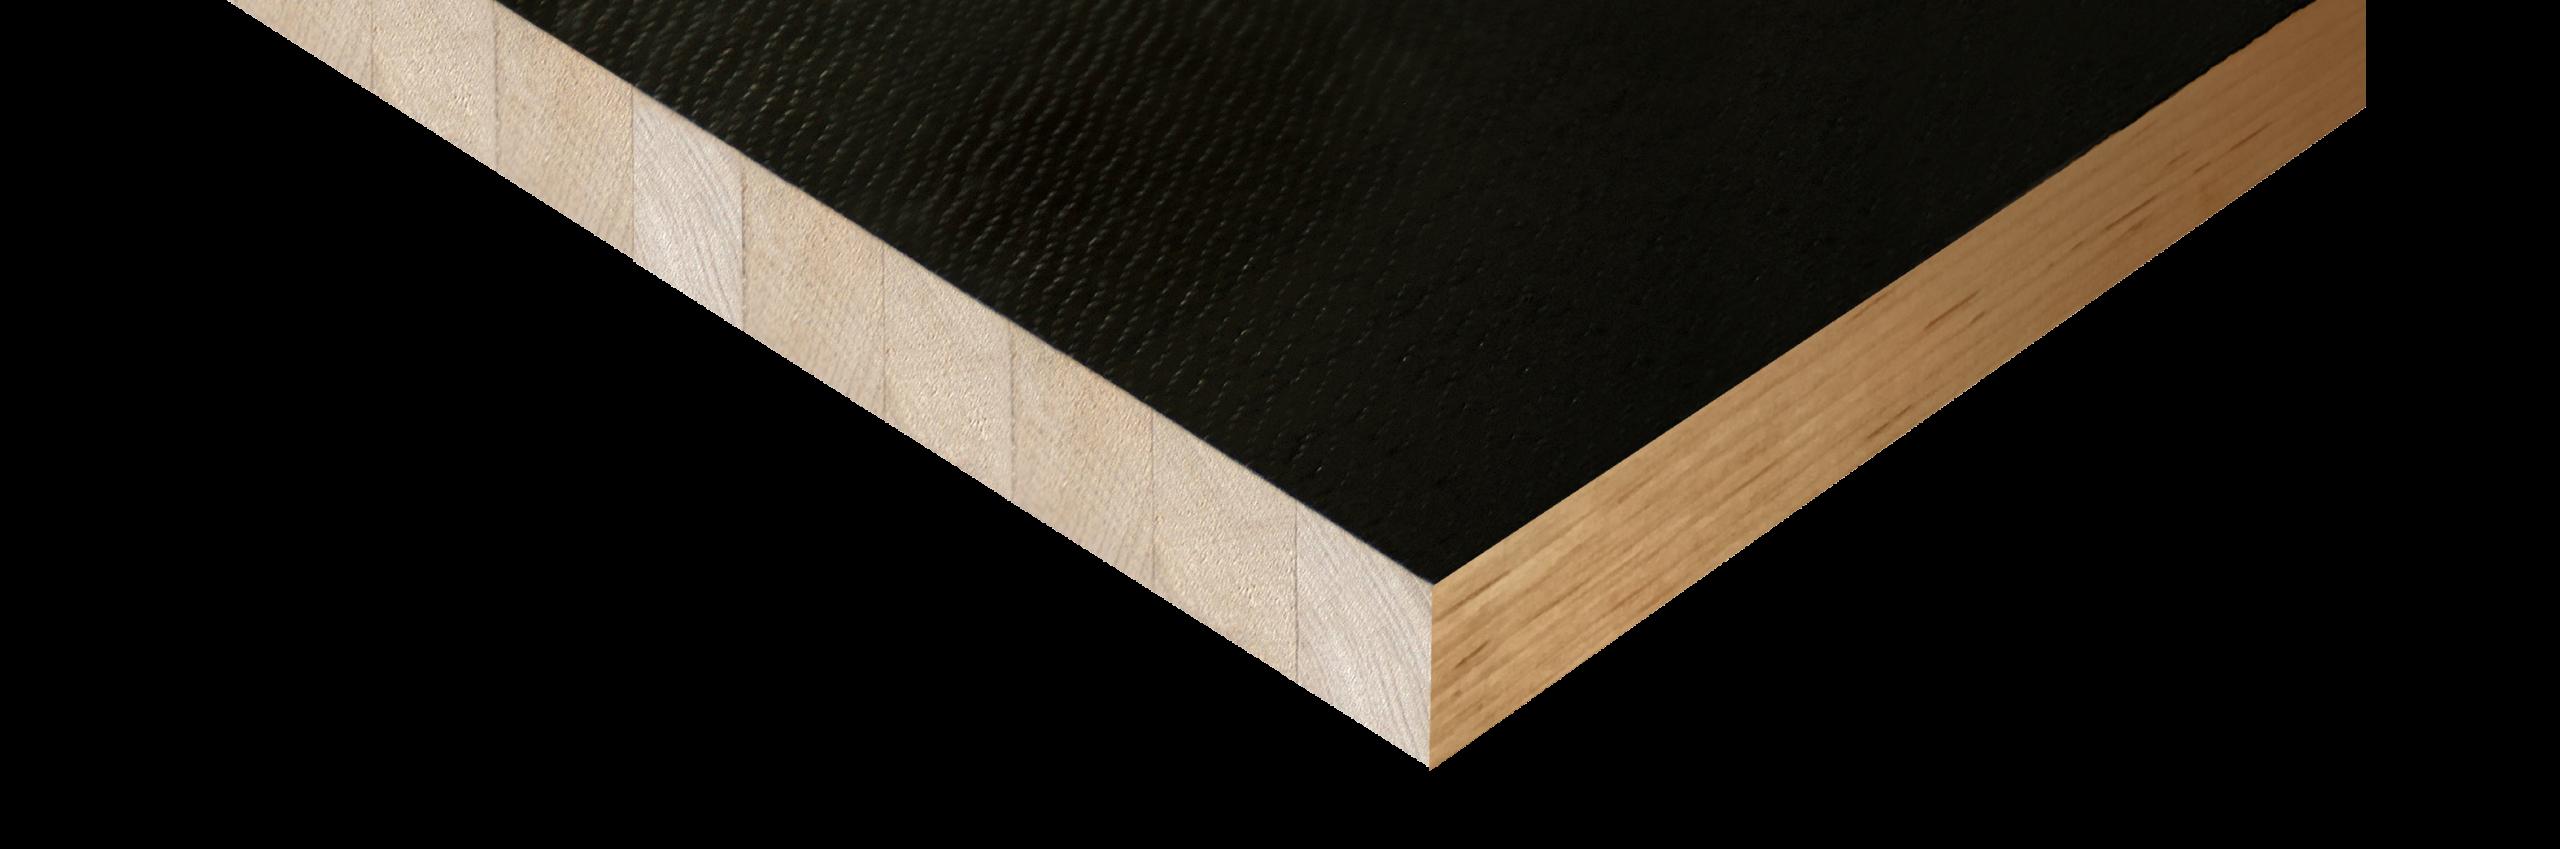 image plancher avec la technologie PUR Prolam